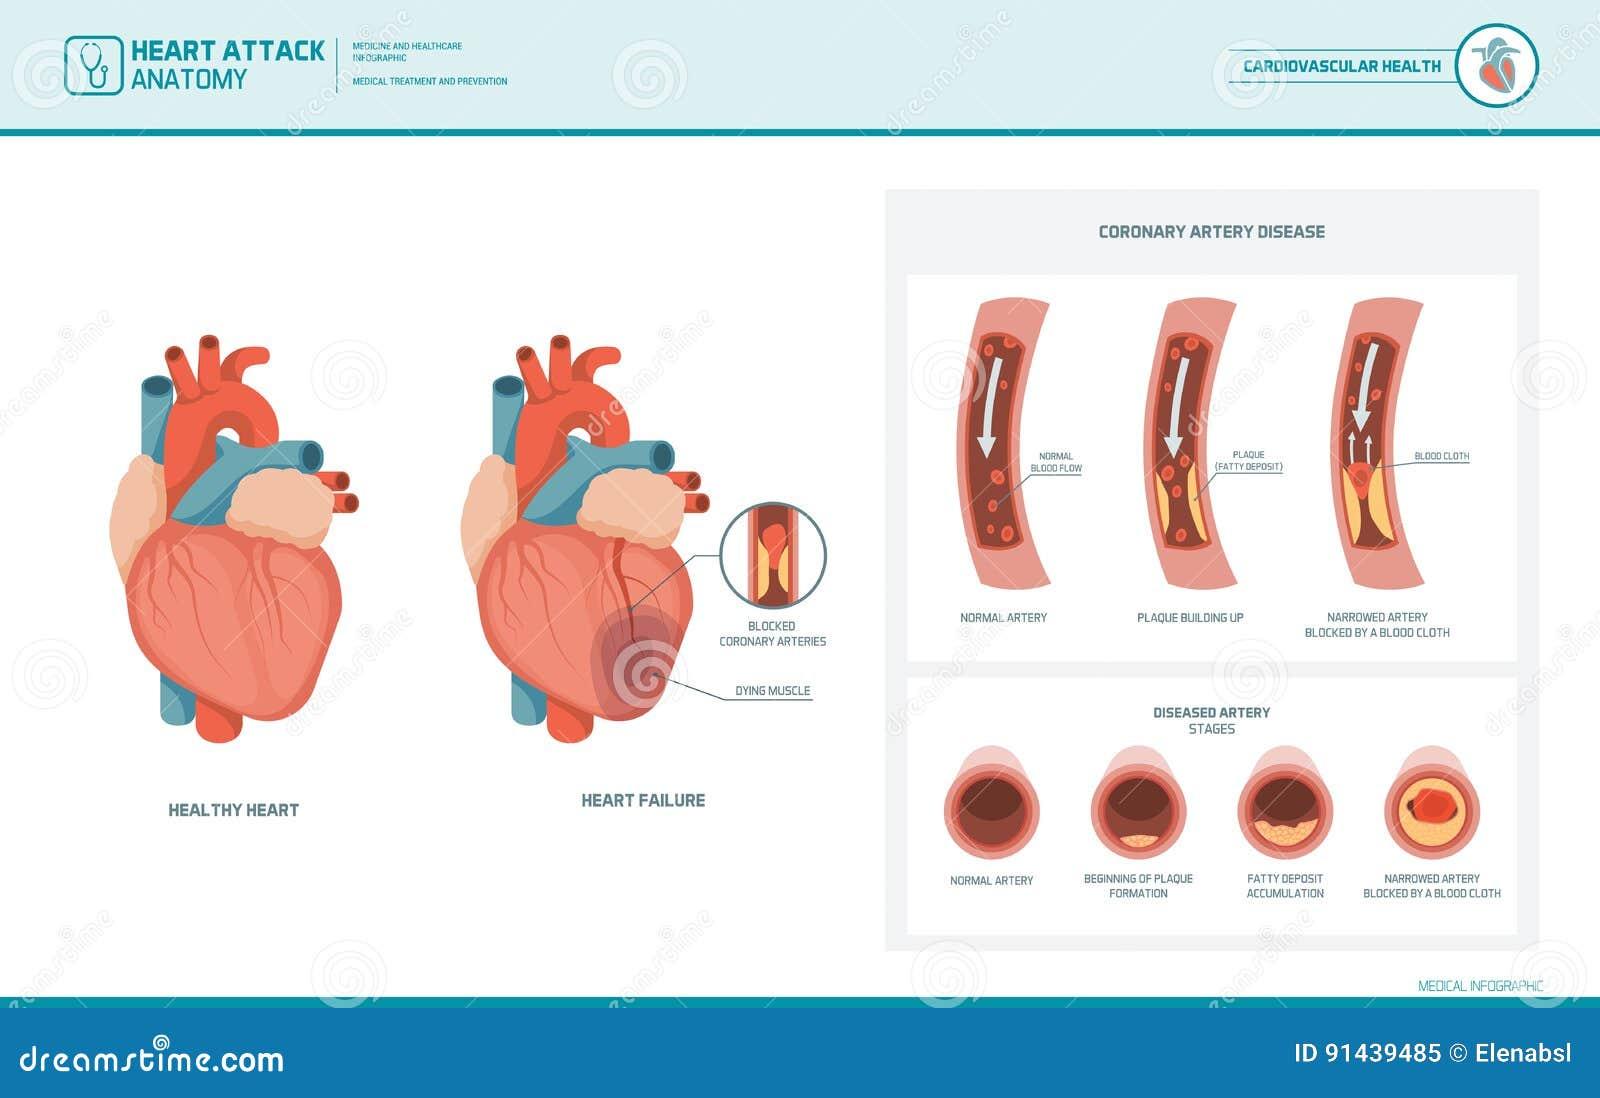 Anatomía De Un Ataque Del Corazón Ilustración del Vector ...